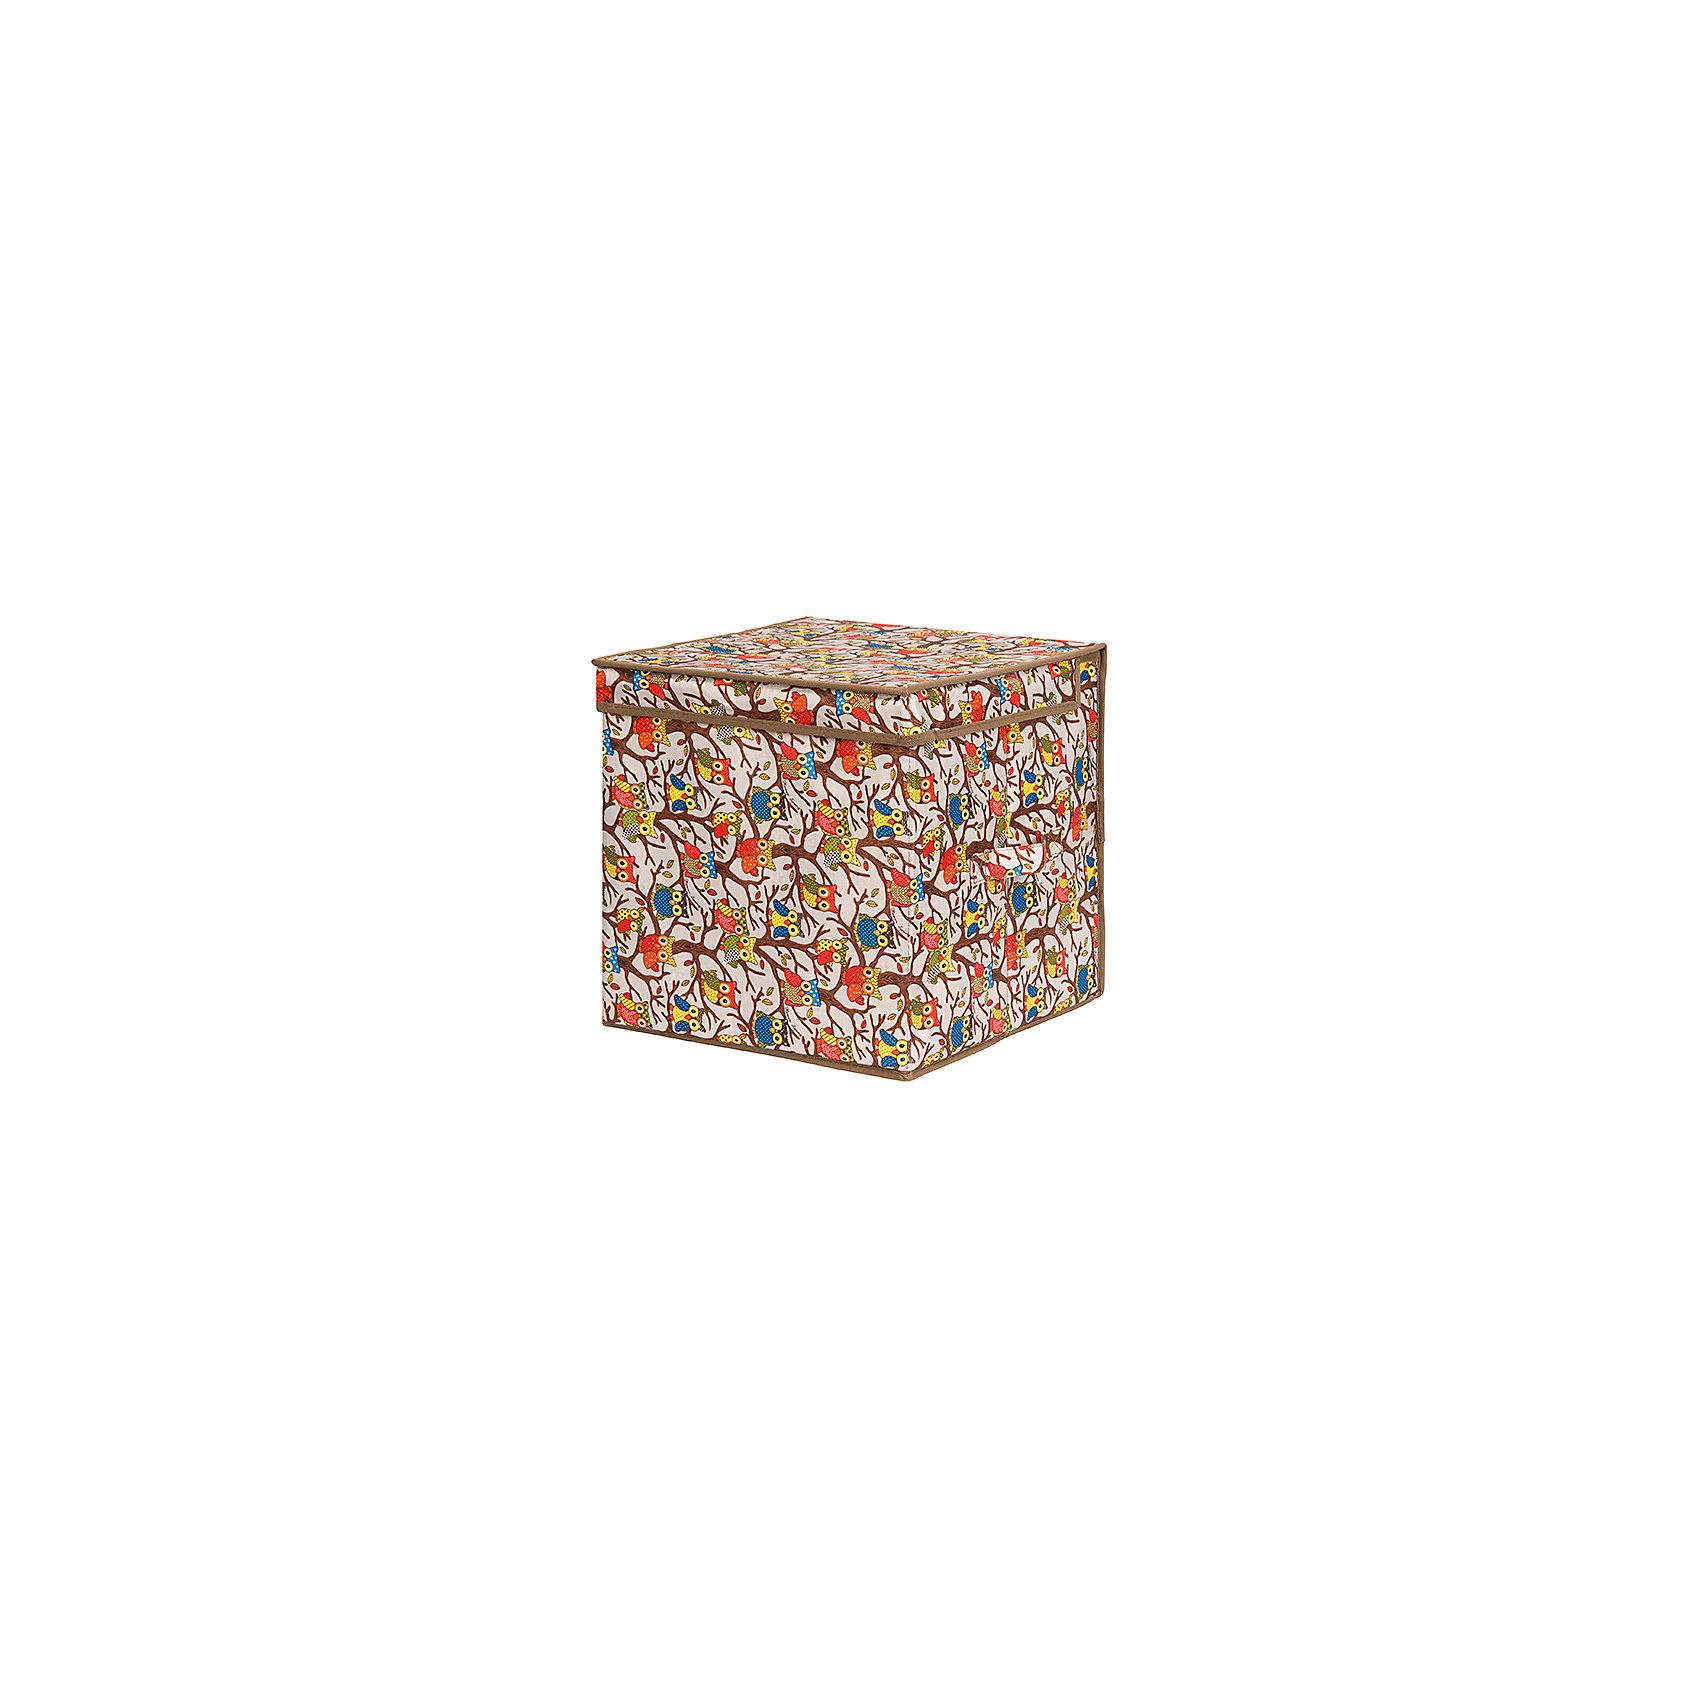 Кофр складной для хранения 31*31*31 см. Совы на ветках на серебре, квадрат, EL CasaПорядок в детской<br>Характеристики товара:<br><br>• цвет: мульти<br>• материал: текстиль (полиэстер 100%)<br>• размер: 31 х 31 х 31 см<br>• вес: 800 г<br>• декорирован принтом<br>• с жестким каркасом<br>• легко складывается и раскладывается<br>• удобный<br>• с крышкой <br>• универсальный размер<br>• страна бренда: Российская Федерация<br>• страна производства: Китай<br><br>Такой кофр - отличный пример красивой и функциональной вещи для любого интерьера. В нем удобной хранить различные мелочи, благодаря универсальному дизайну и расцветке он хорошо будет смотреться в помещении.<br><br>Кофр с жёстким каркасом для хранения может стать отличным приобретением для дома или подарком для любителей красивых оригинальных вещей.<br><br>Бренд EL Casa - это красивые и практичные товары для дома с современным дизайном. Они добавляют в жильё уюта и комфорта! <br><br>Кофр складной для хранения 31*31*31 см. Совы на ветках на серебре, квадрат, EL Casa можно купить в нашем интернет-магазине.<br><br>Ширина мм: 305<br>Глубина мм: 315<br>Высота мм: 30<br>Вес г: 863<br>Возраст от месяцев: 0<br>Возраст до месяцев: 1188<br>Пол: Унисекс<br>Возраст: Детский<br>SKU: 6668754